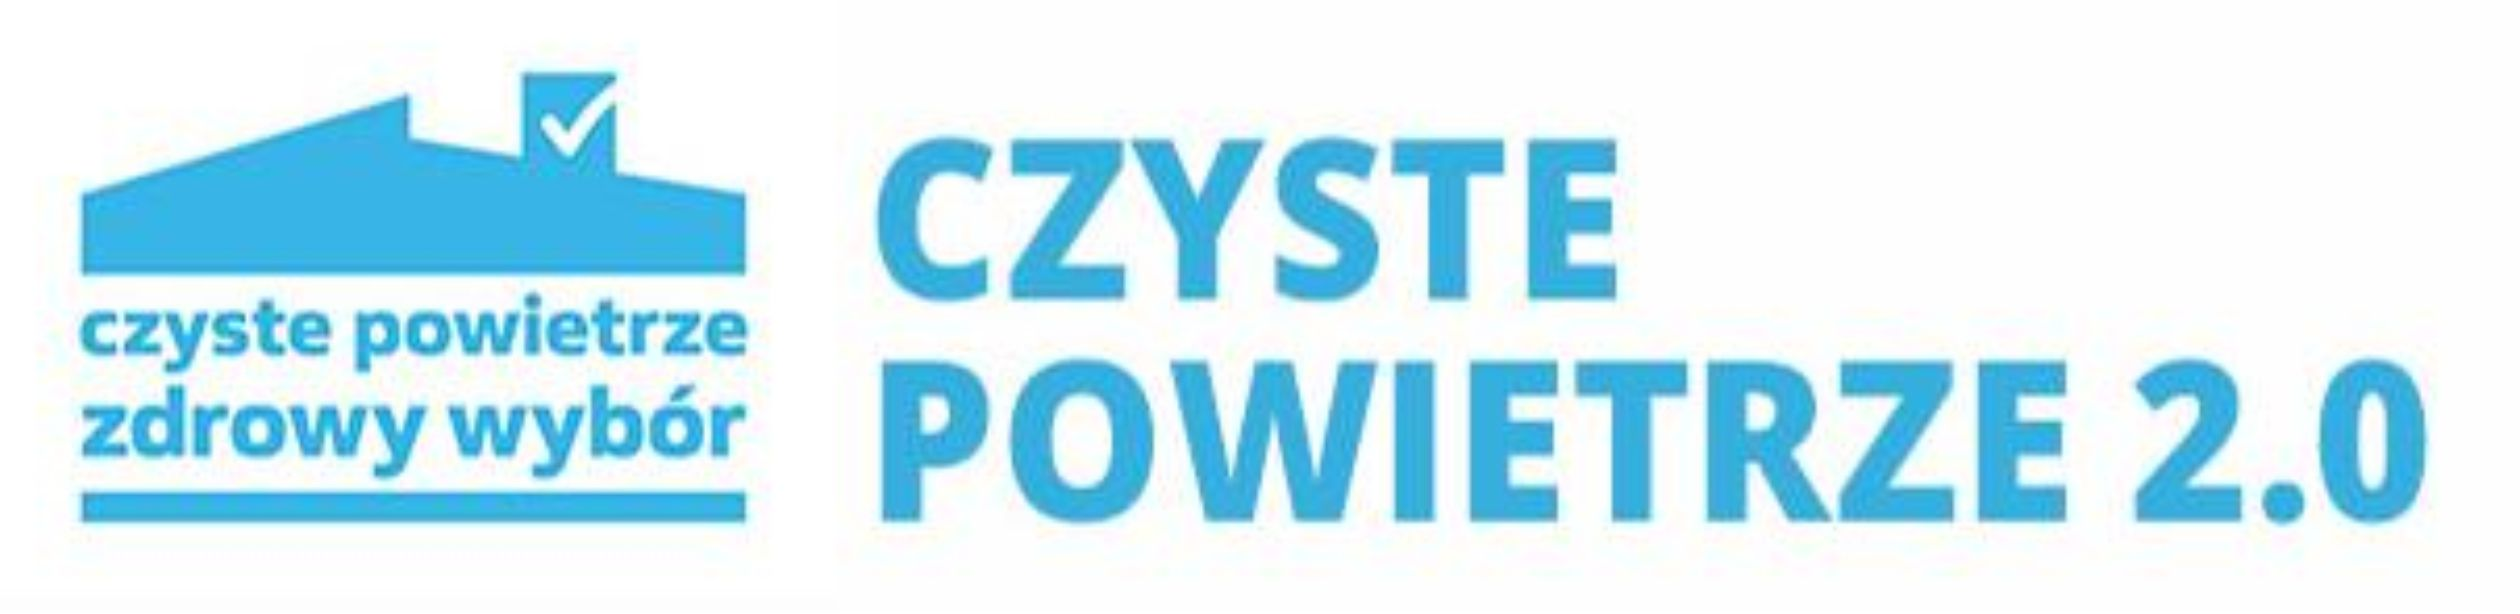 logo czyste powietrze 2.0